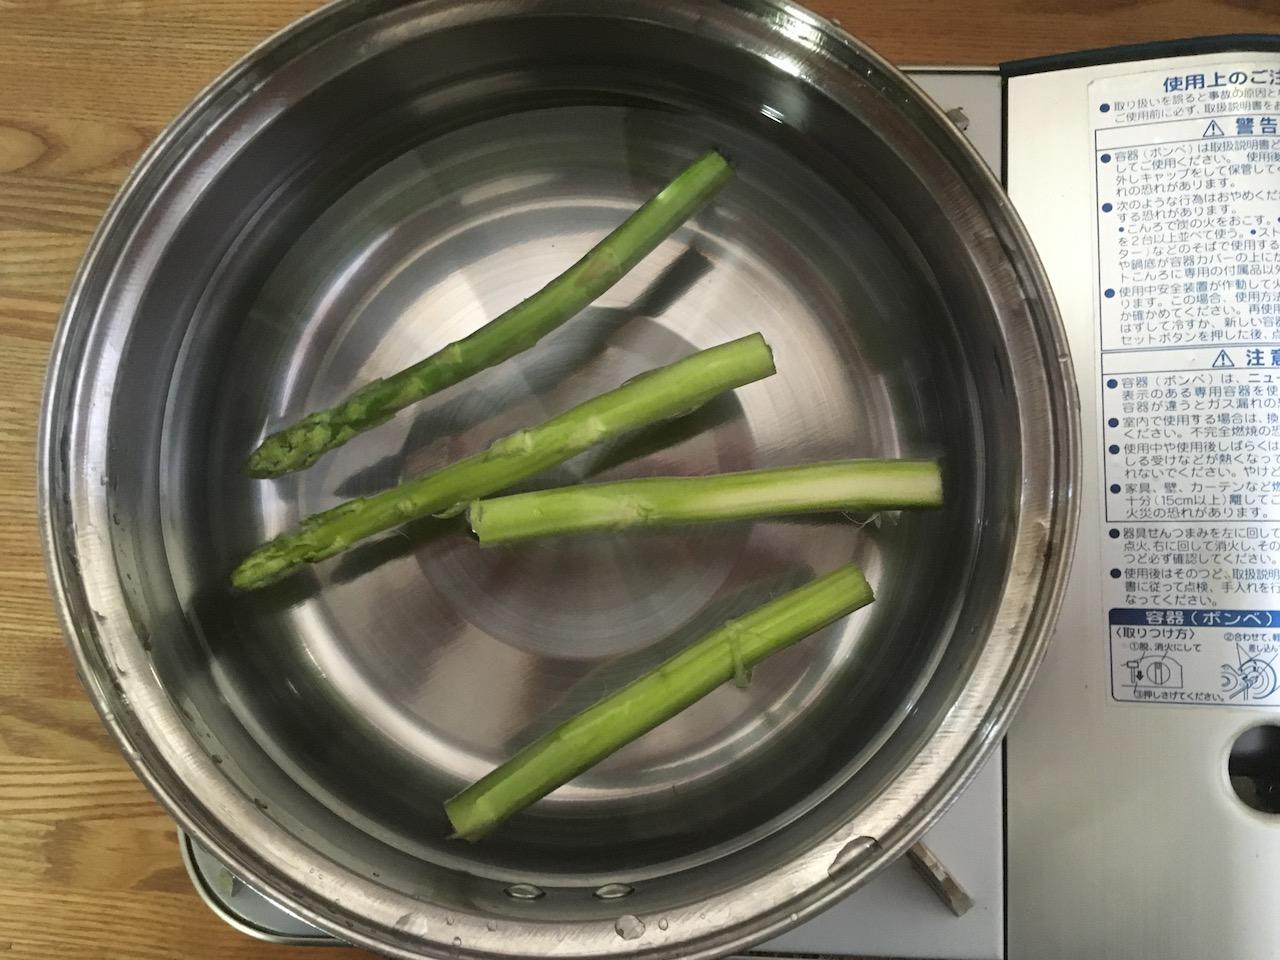 アスパラガスを4本、鍋で茹でる